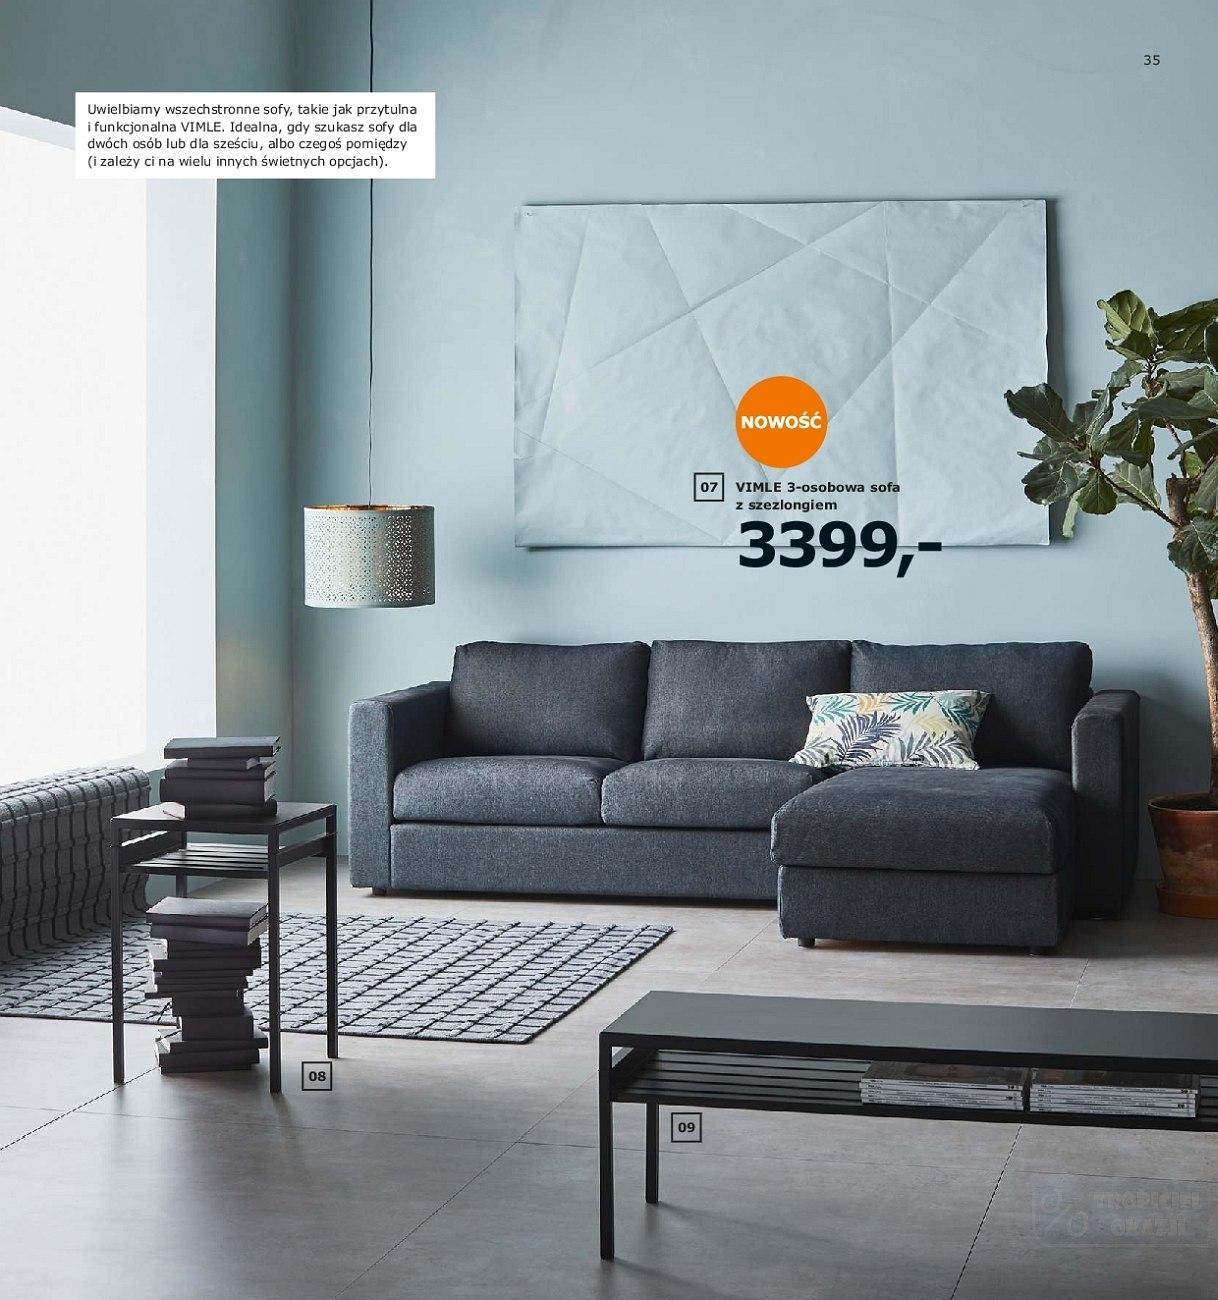 Gazetka promocyjna IKEA do 31/07/2019 str.35